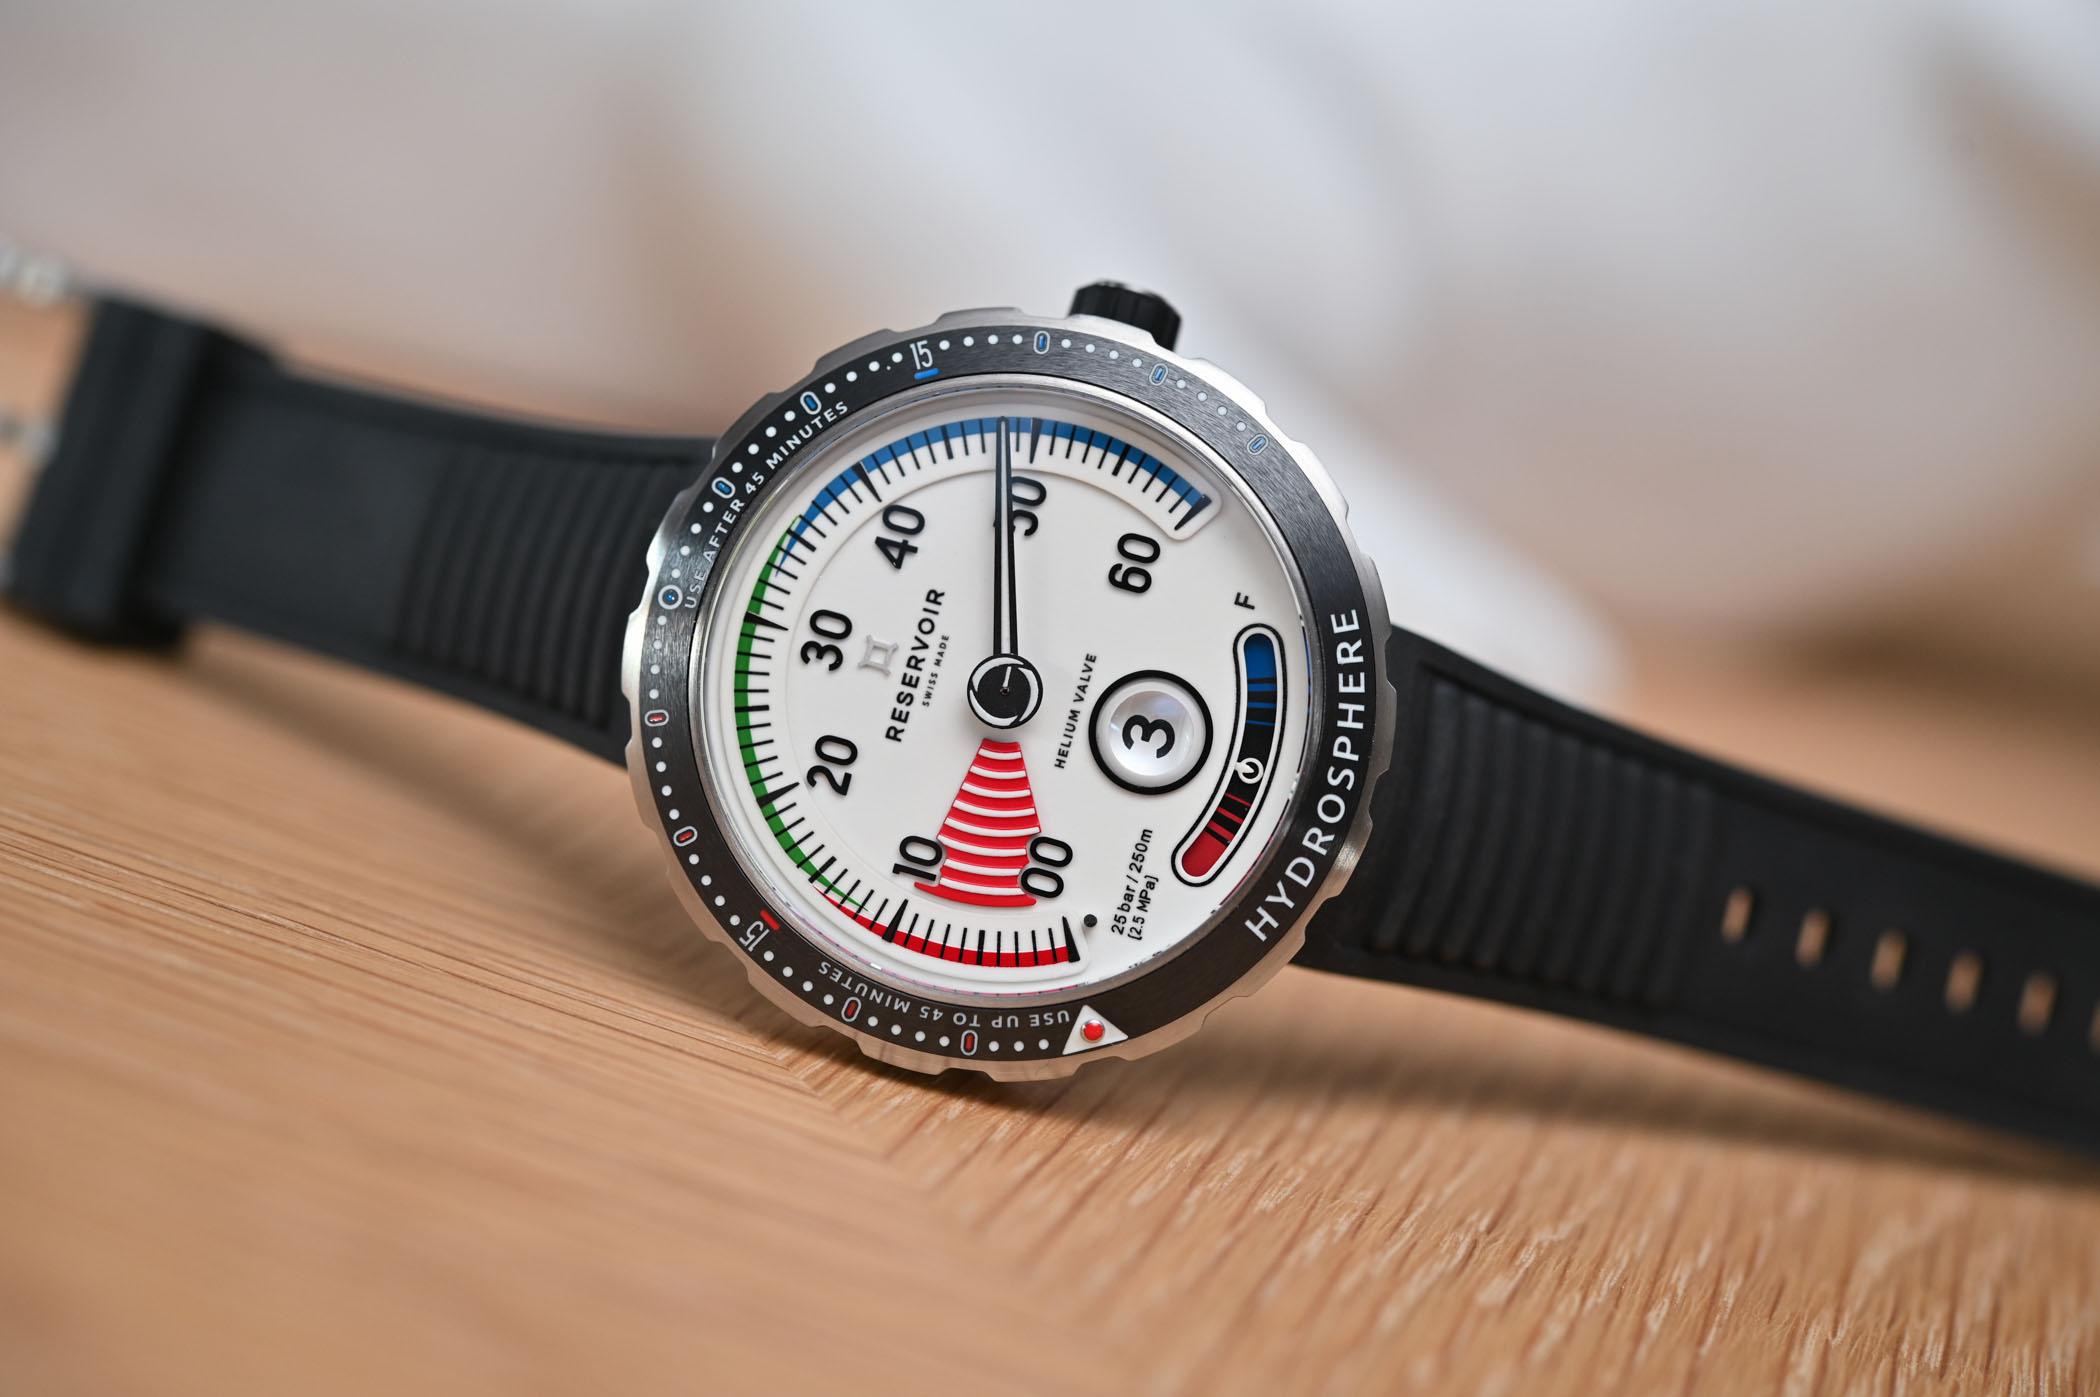 Reservoir Hydrosphere Air Gauge Dive Watch